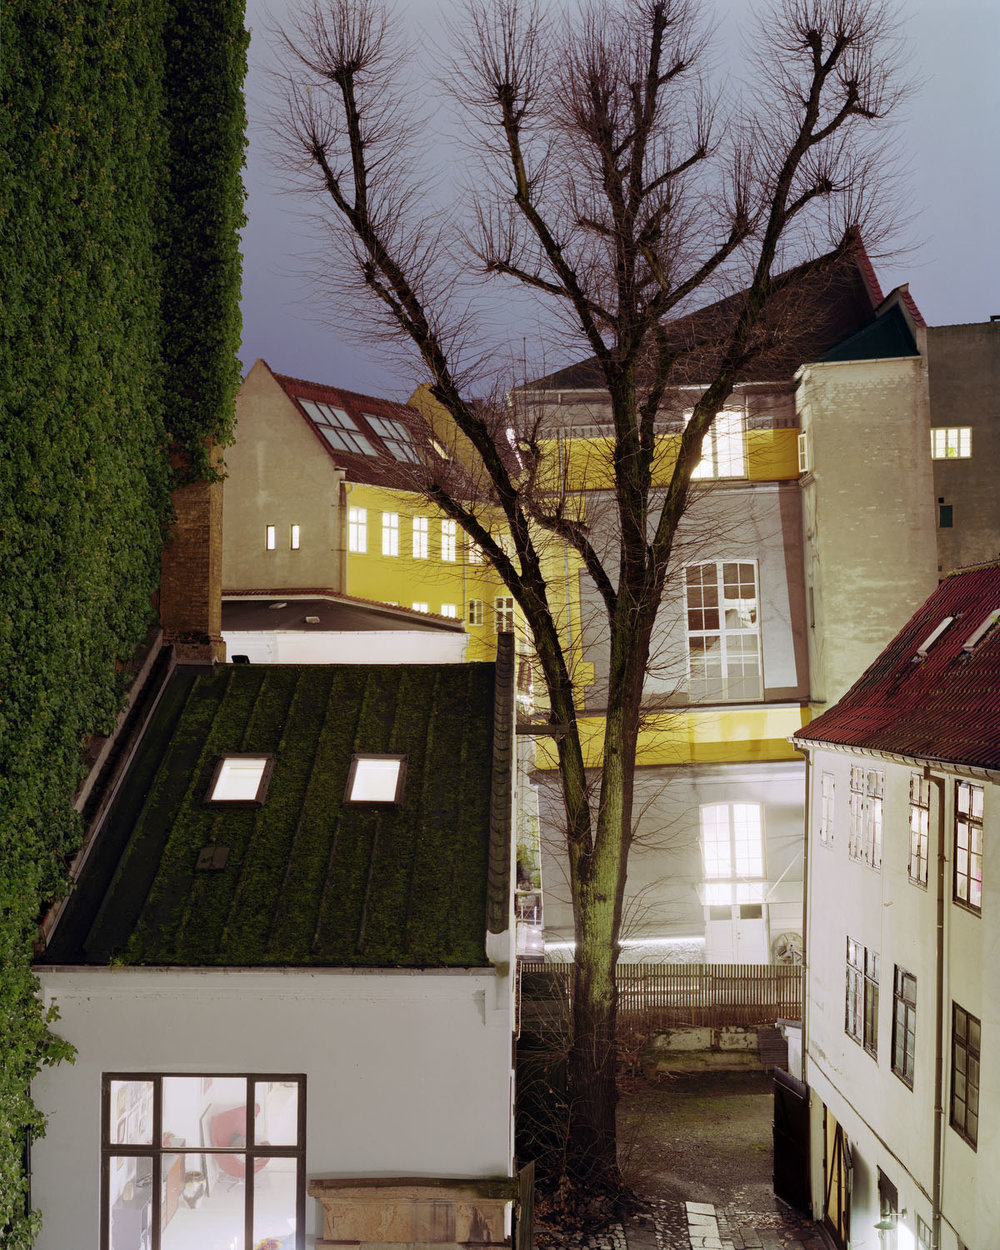 Copenhagen #3